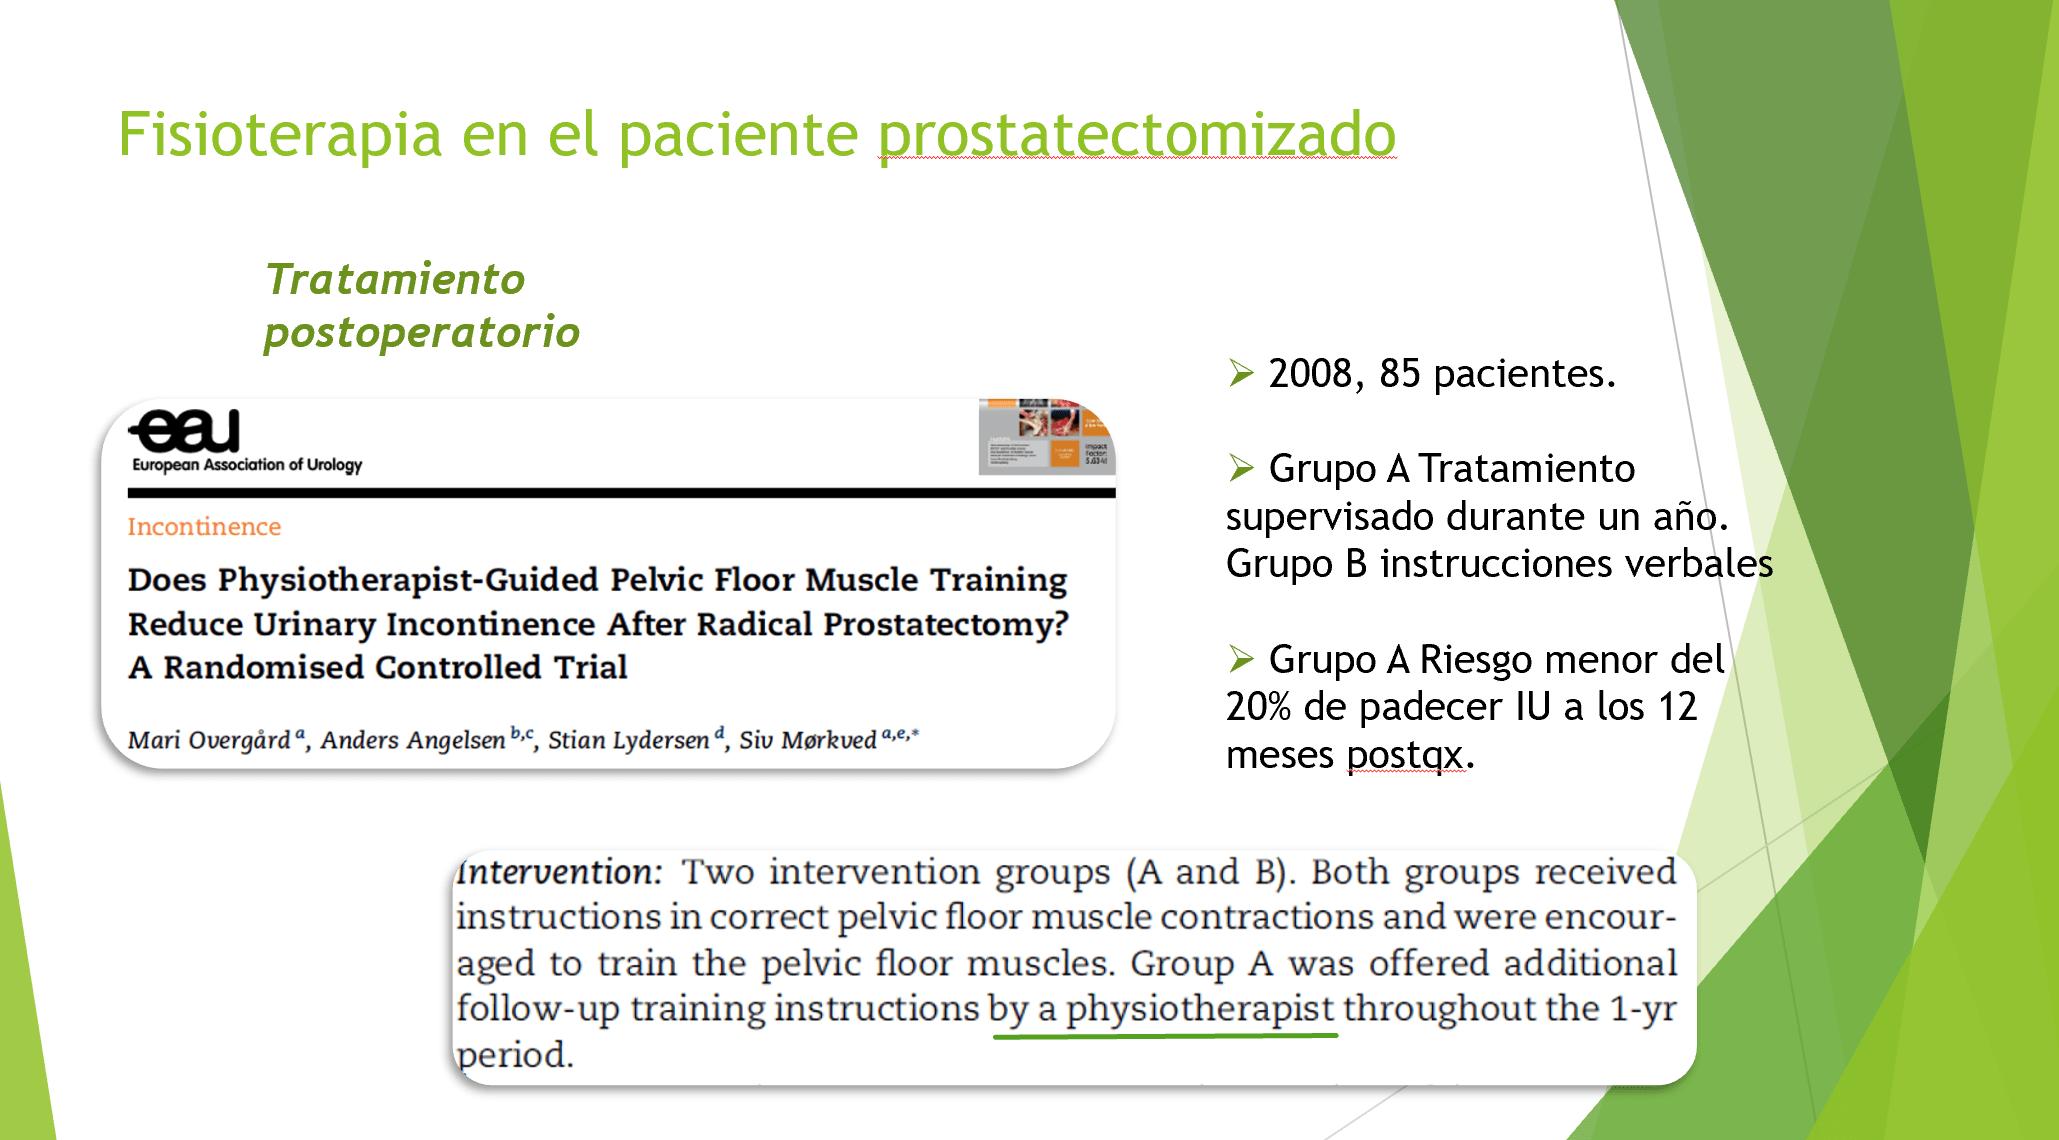 fisioterapia en el paciente prostatectomizado